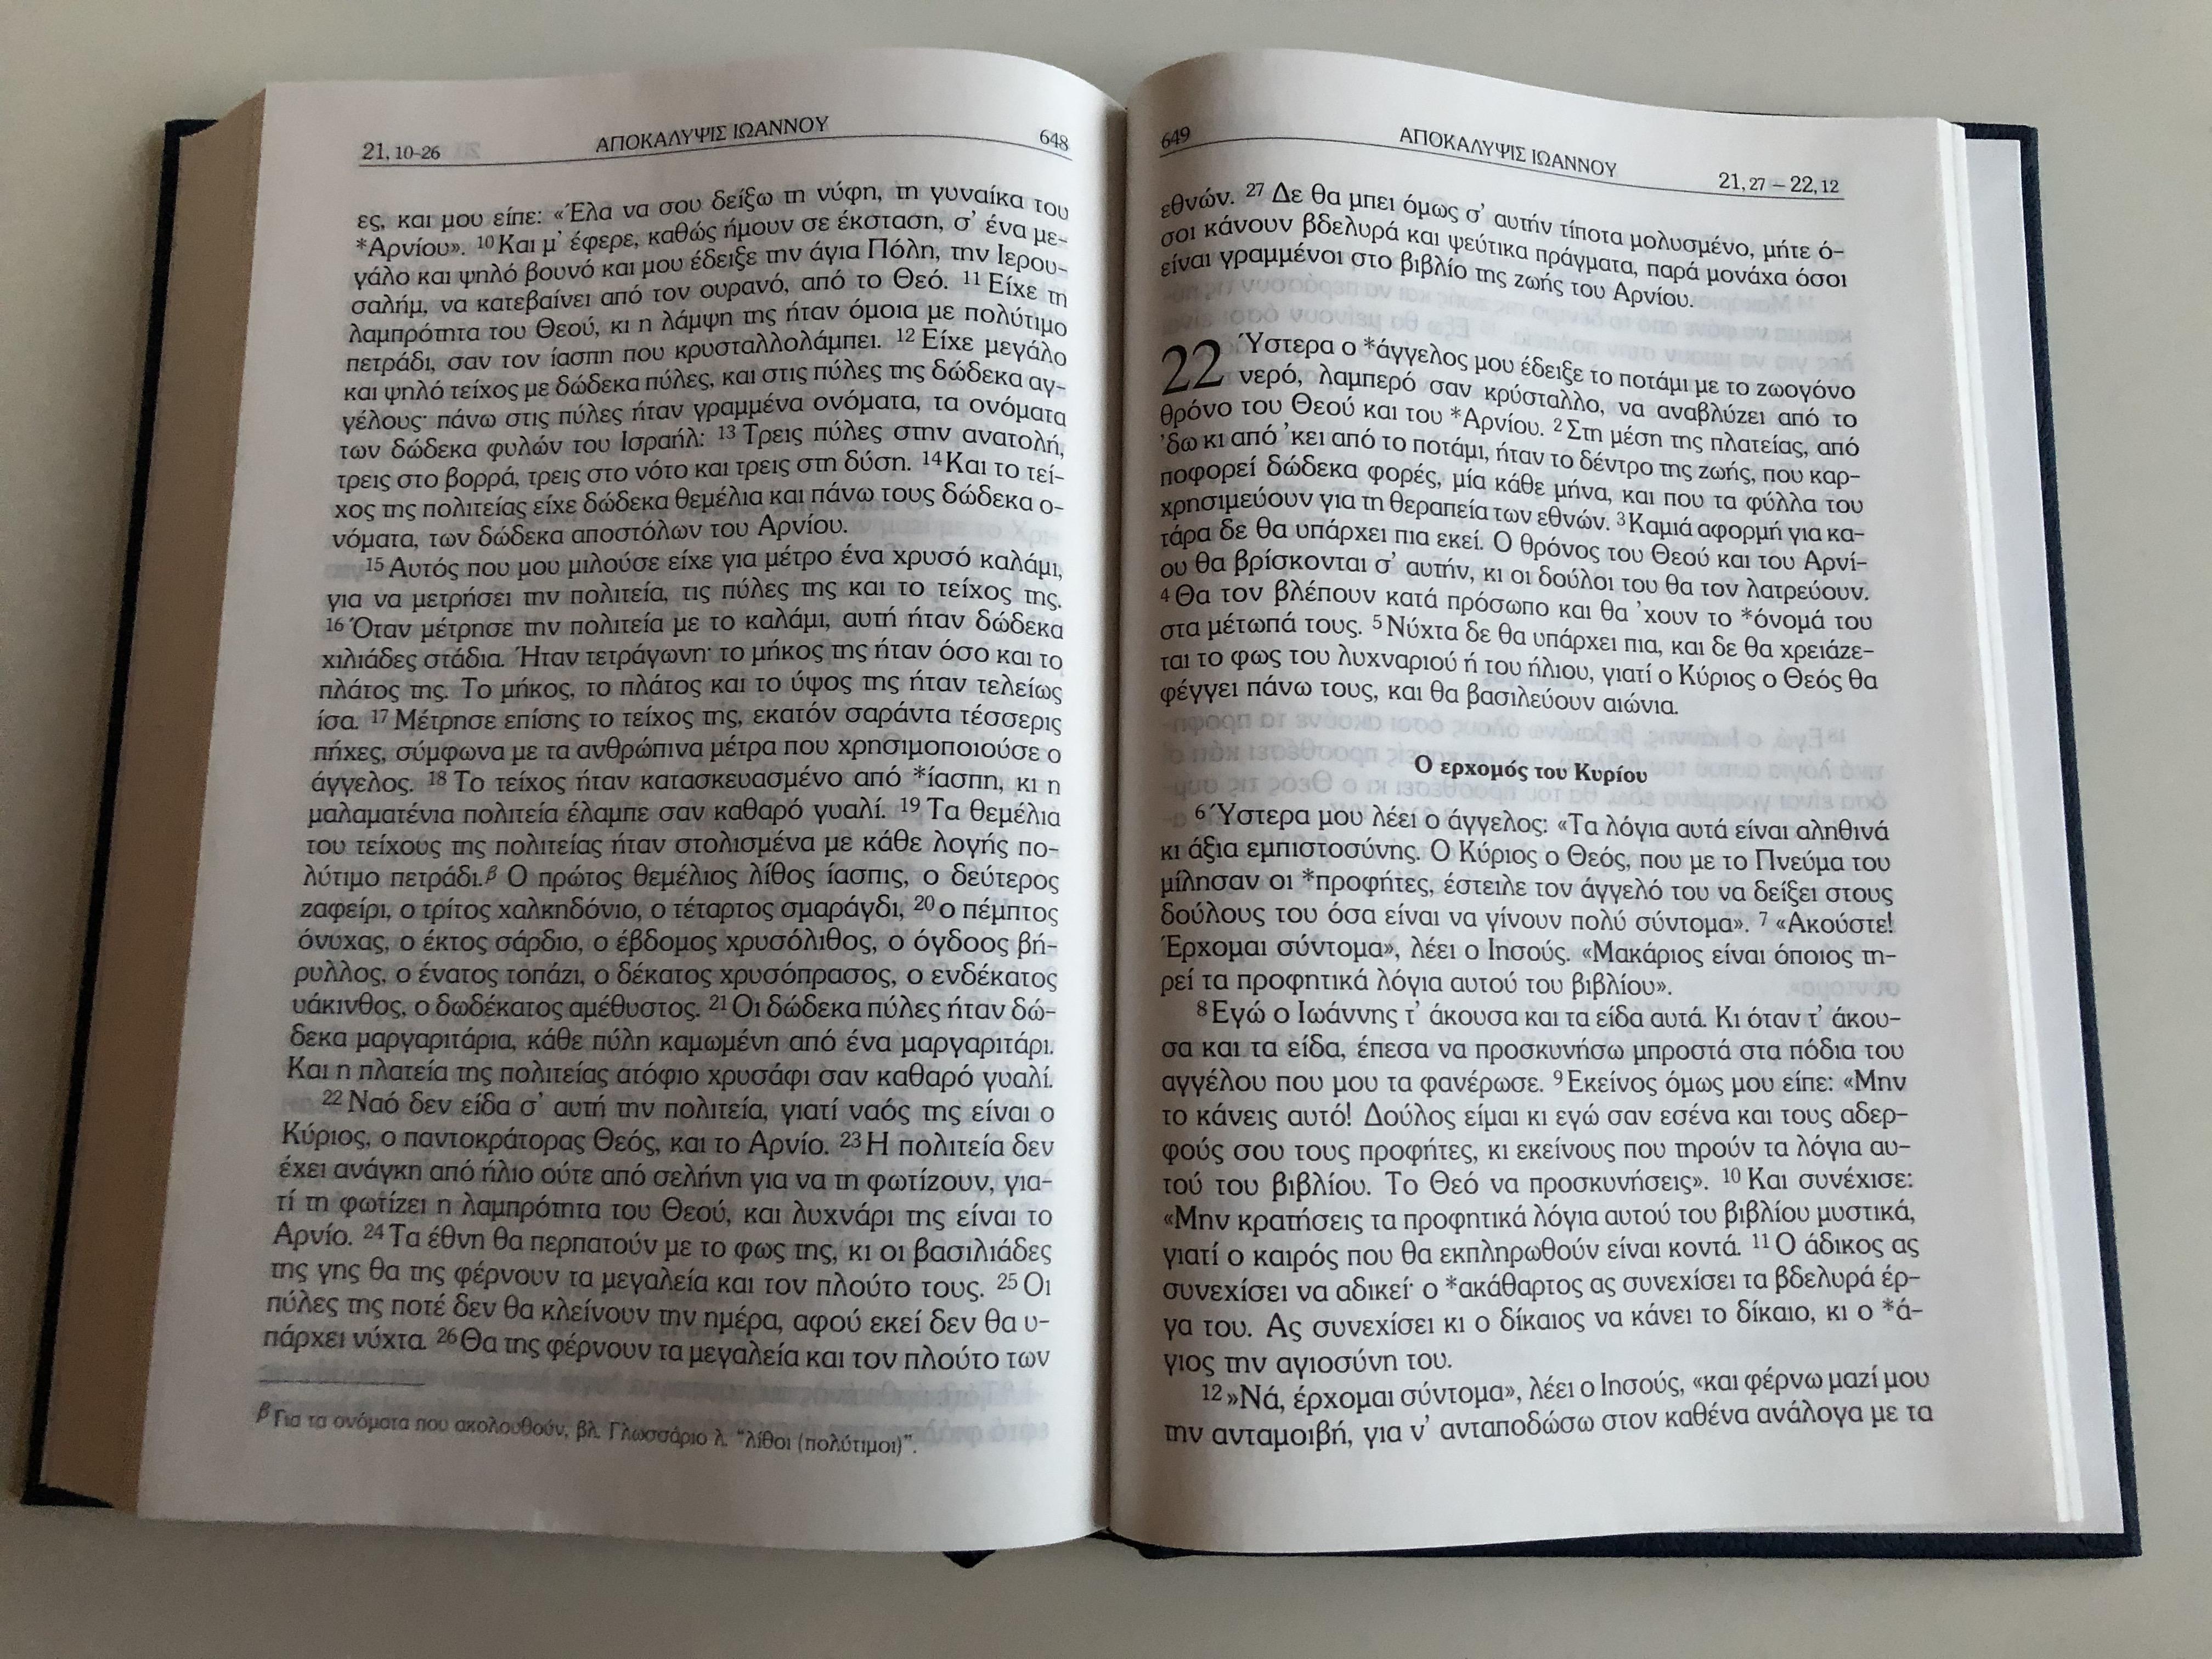 greek-modern-new-testament-greek-bible-society-2009-13.jpg